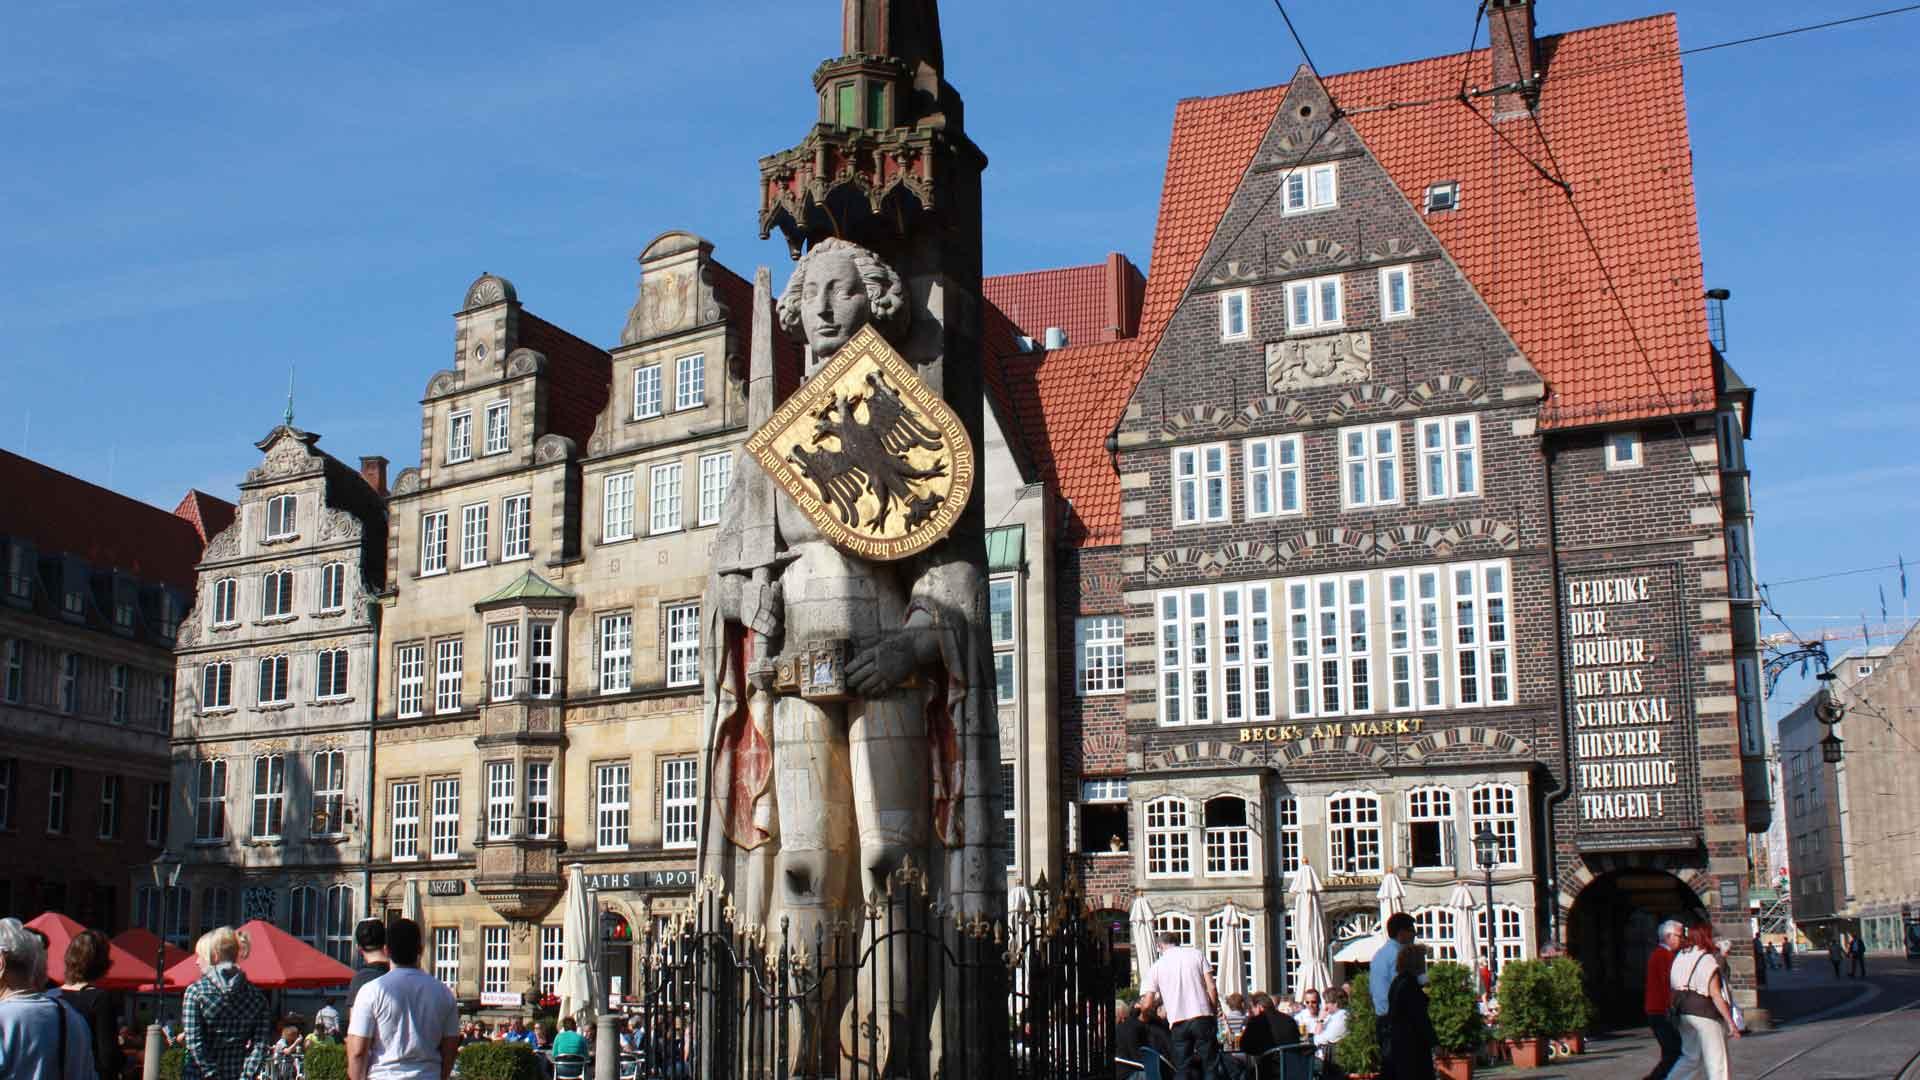 De Roland op de Markt in Bremen is meer dan 600 jaar oud.